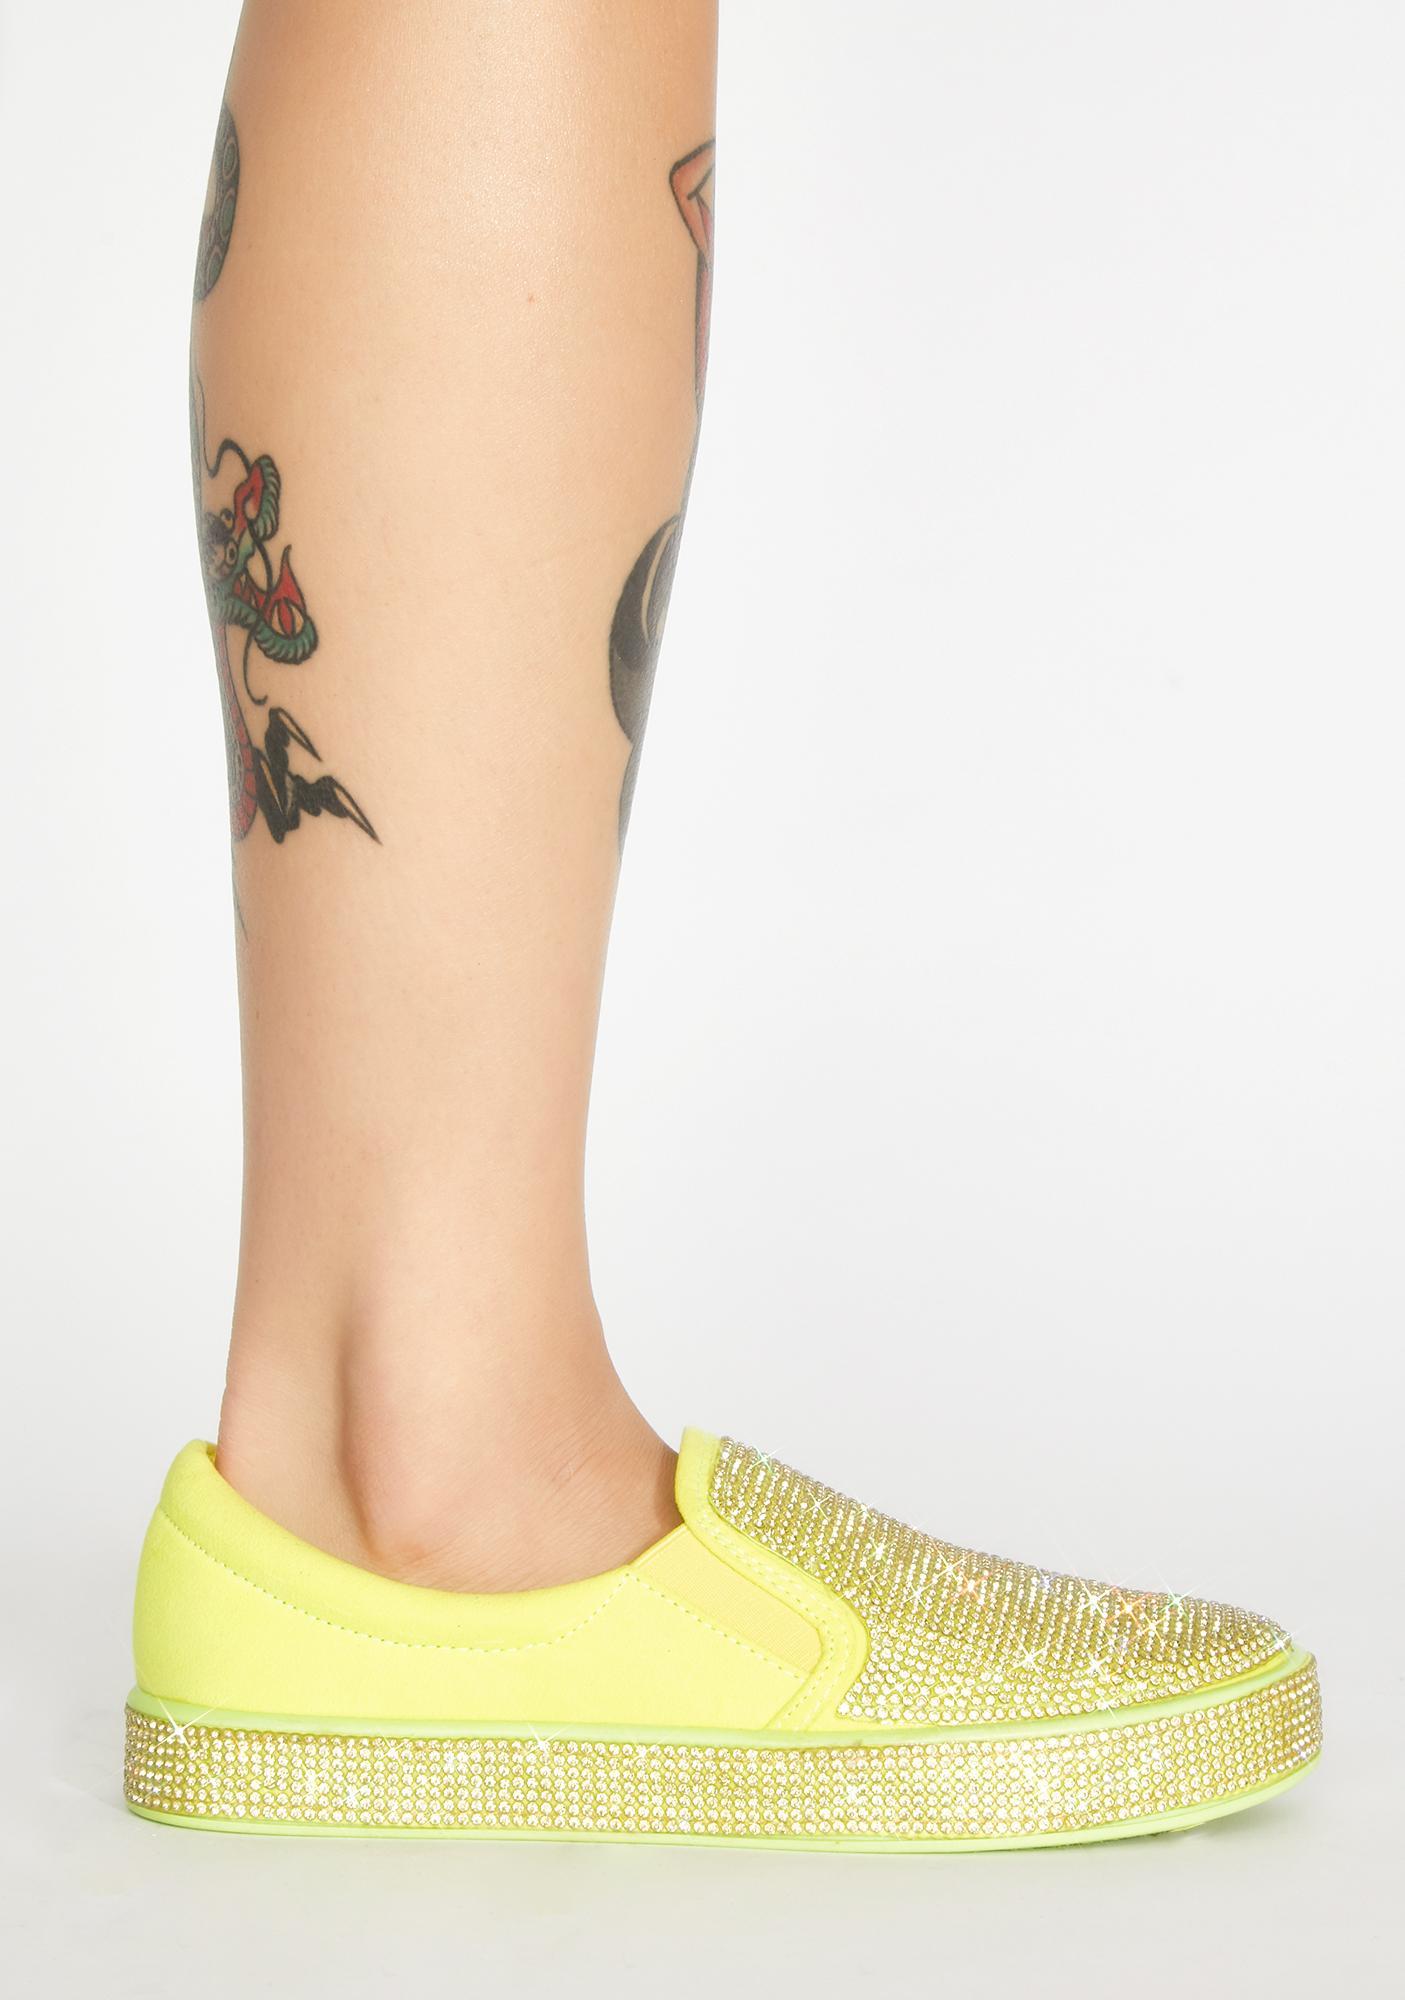 Bizarre Bling Slip On Sneakers